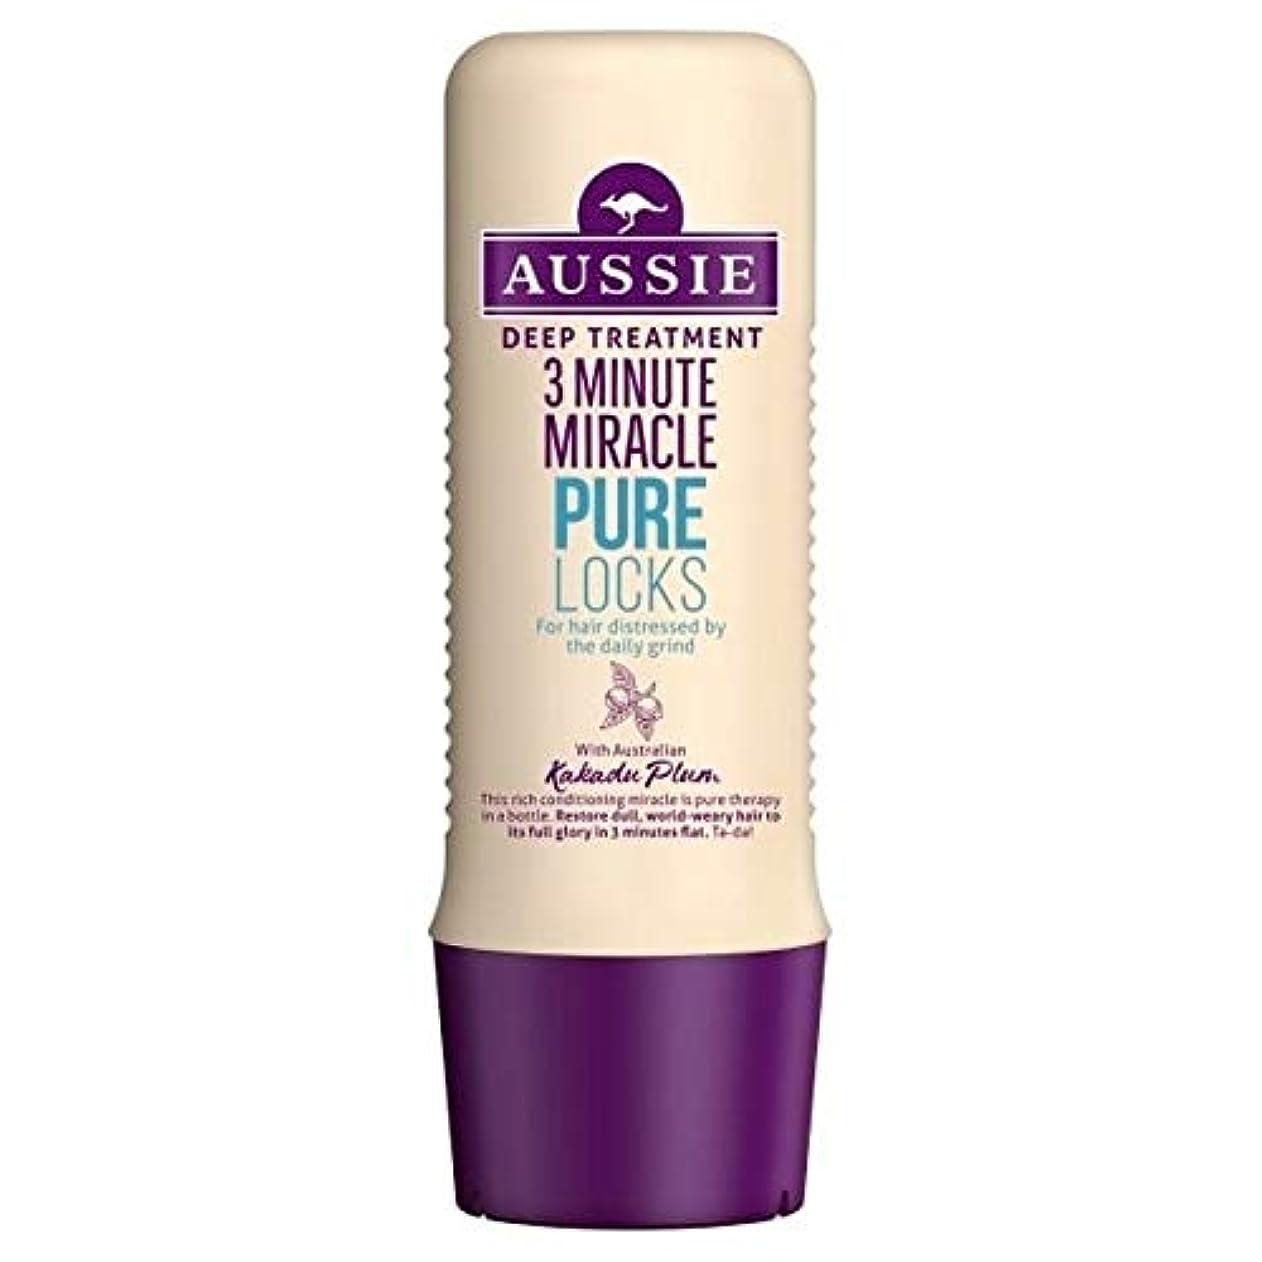 十億翻訳者伝染性の[Aussie ] オーストラリアの純粋なロック3分の奇跡の250ミリリットル - Aussie Pure Locks 3 Minute Miracle 250ml [並行輸入品]